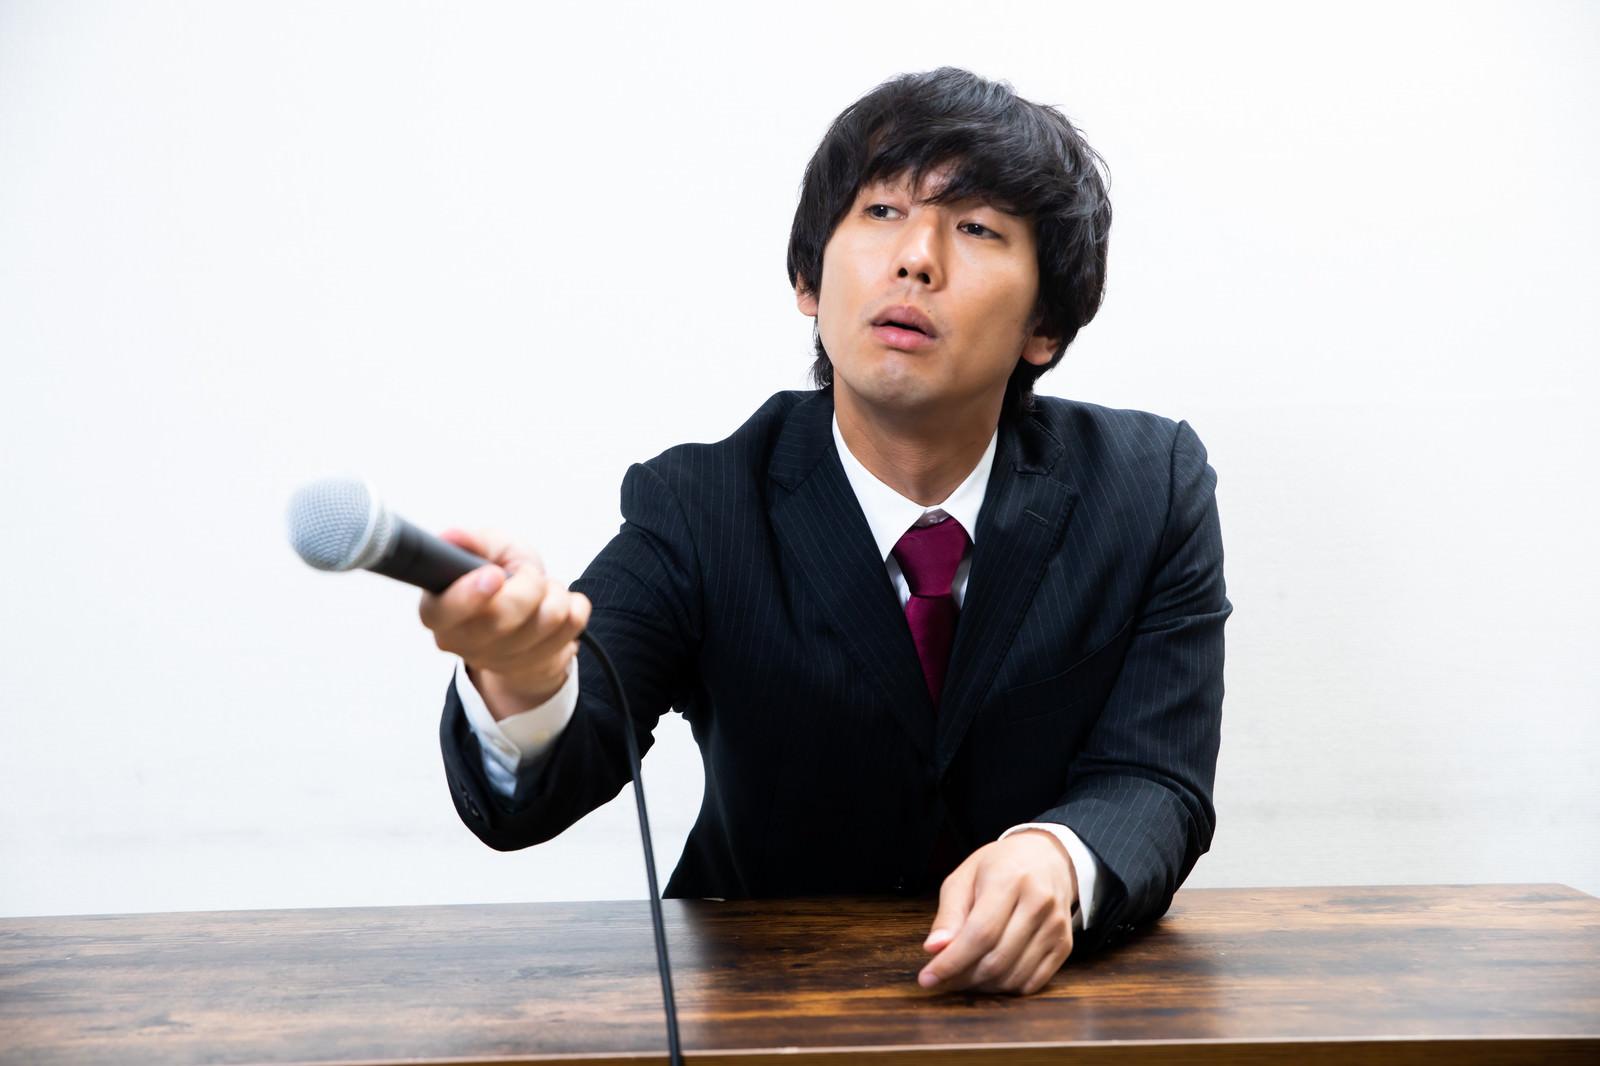 「呆れて記者に質問をする会見」の写真[モデル:大川竜弥]